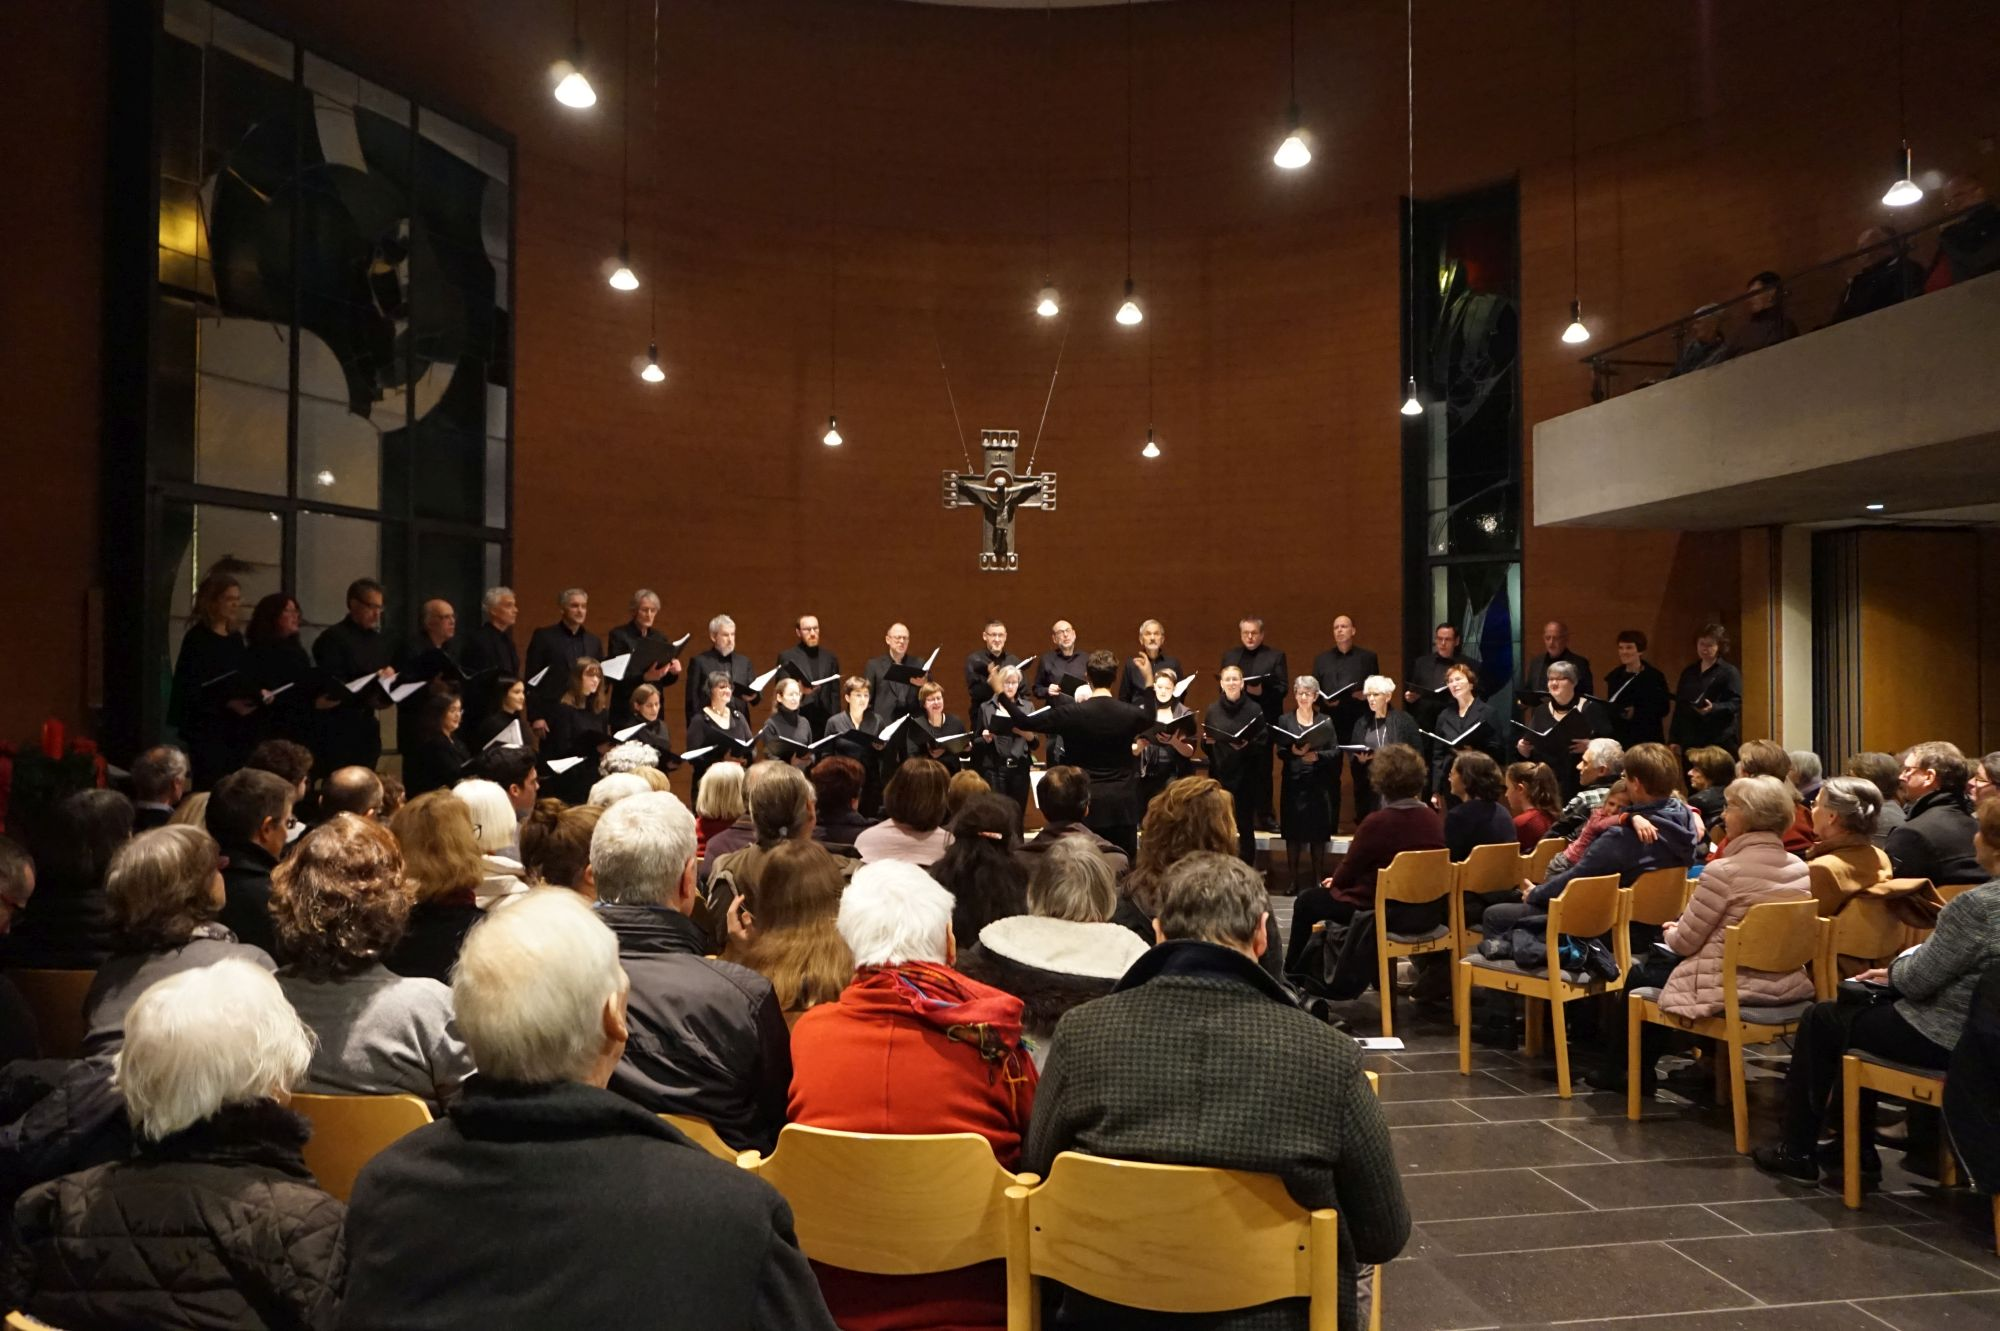 Das Bonner Vokalensemble in der Emmaus-Kirche Bonn, Dezember 2018. Foto: Elsa Funk-Schlör, Brüser Berger Konzerte in E